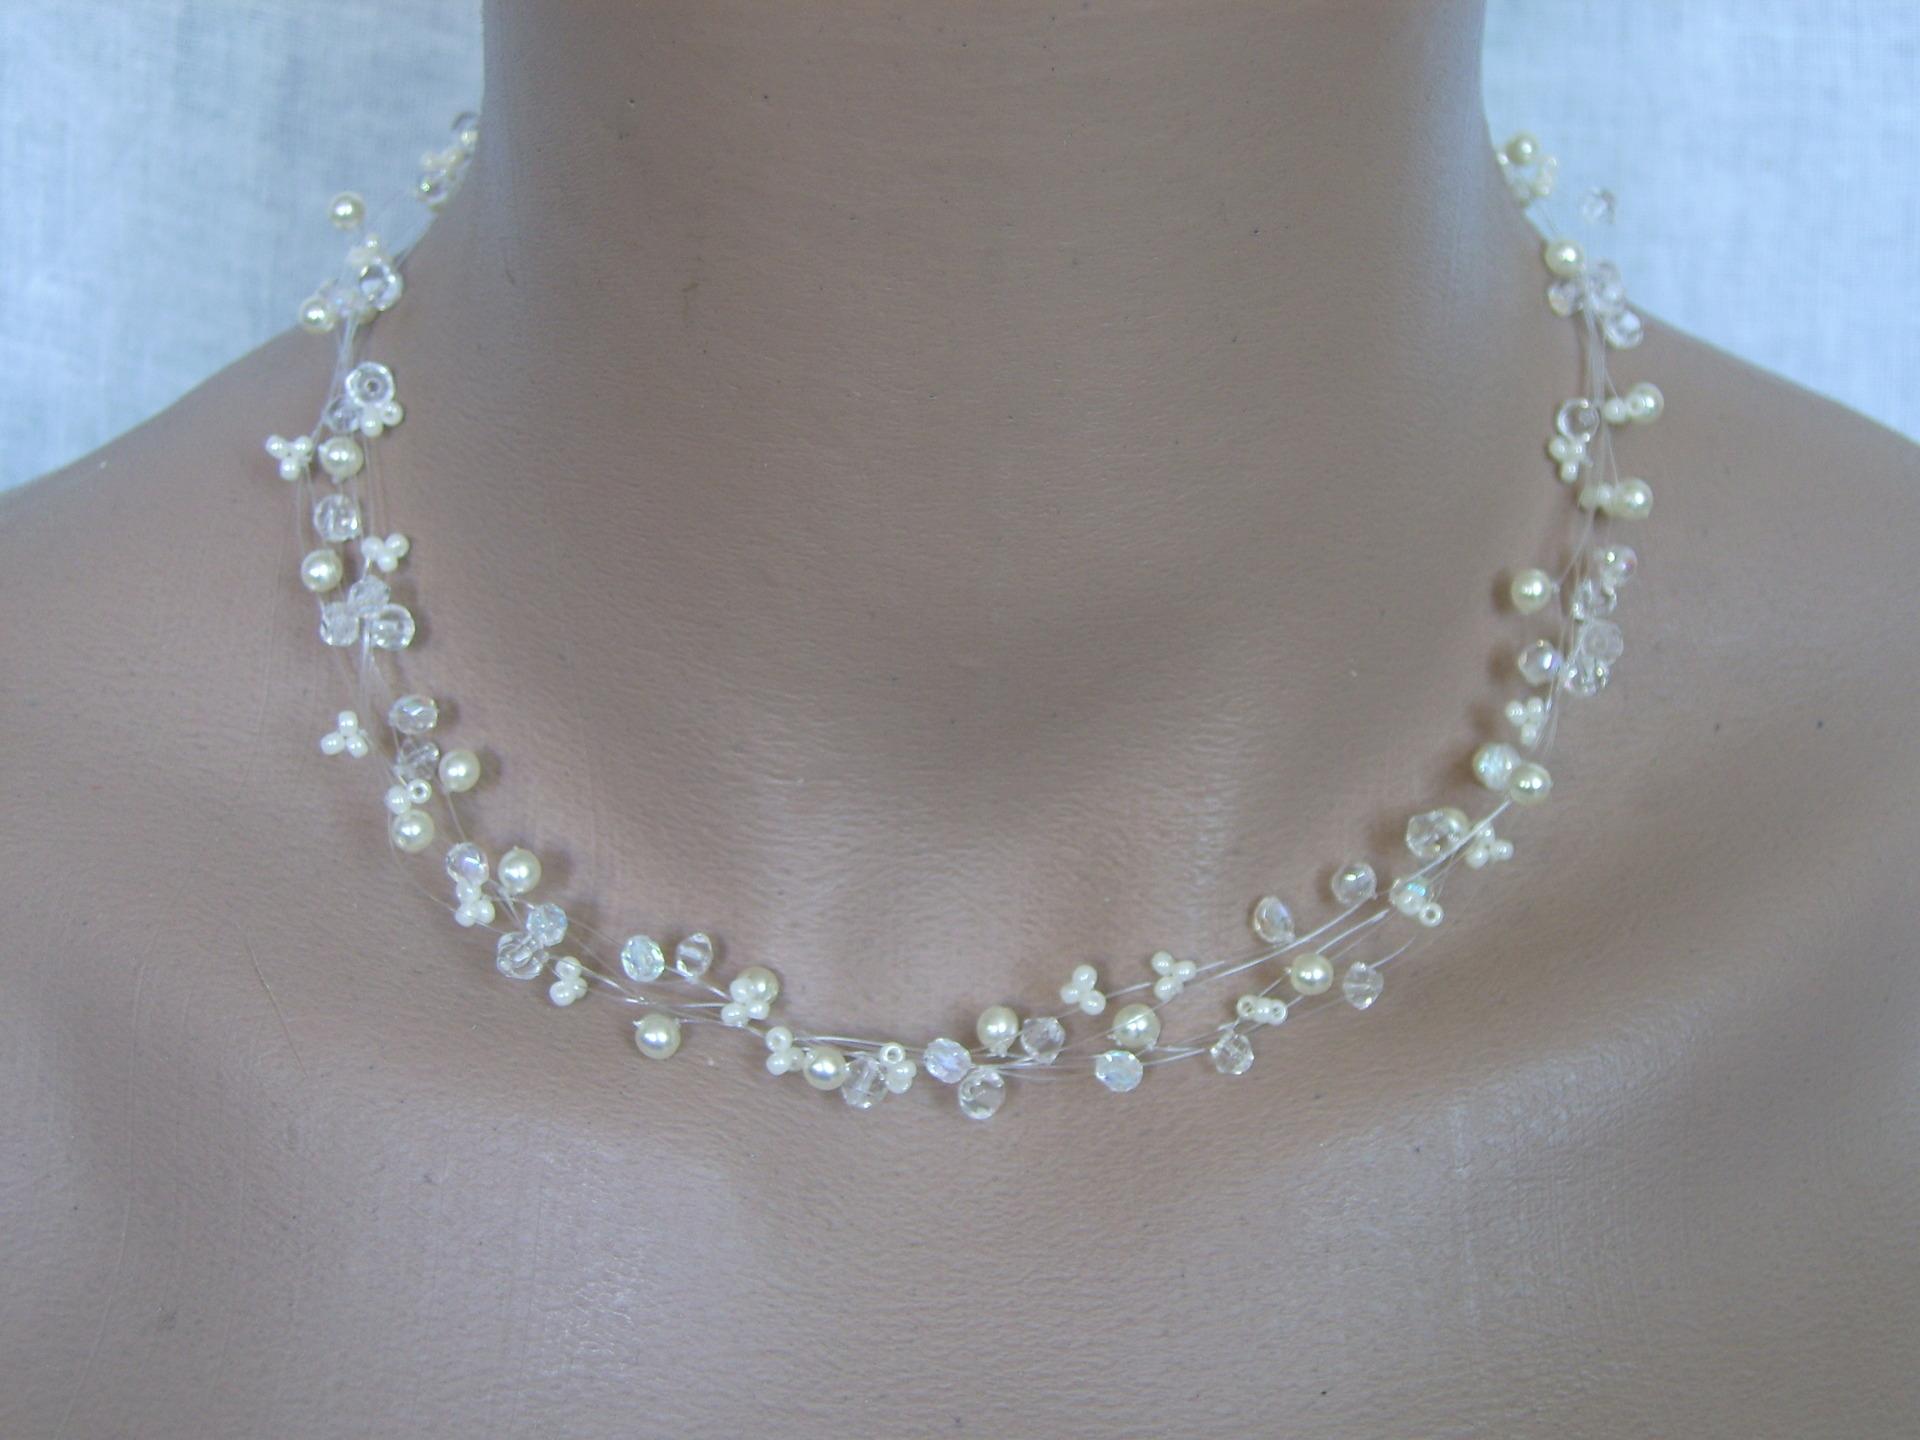 Bijoux mariage pas cher for Robe pour mariage cette combinaison parure bijoux